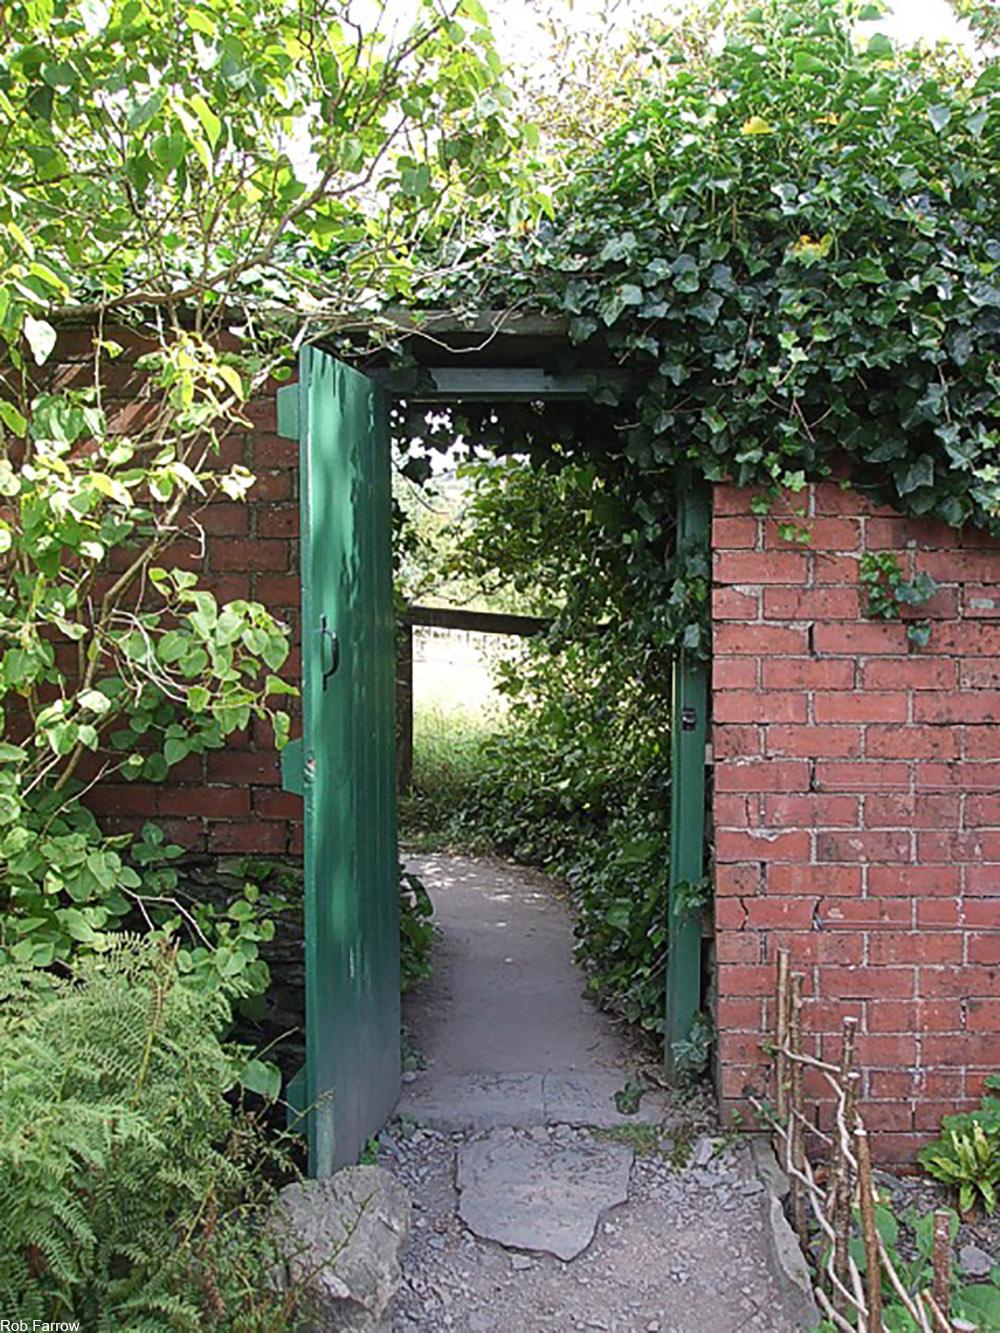 Hill Top garden gate, Cumbria, UK